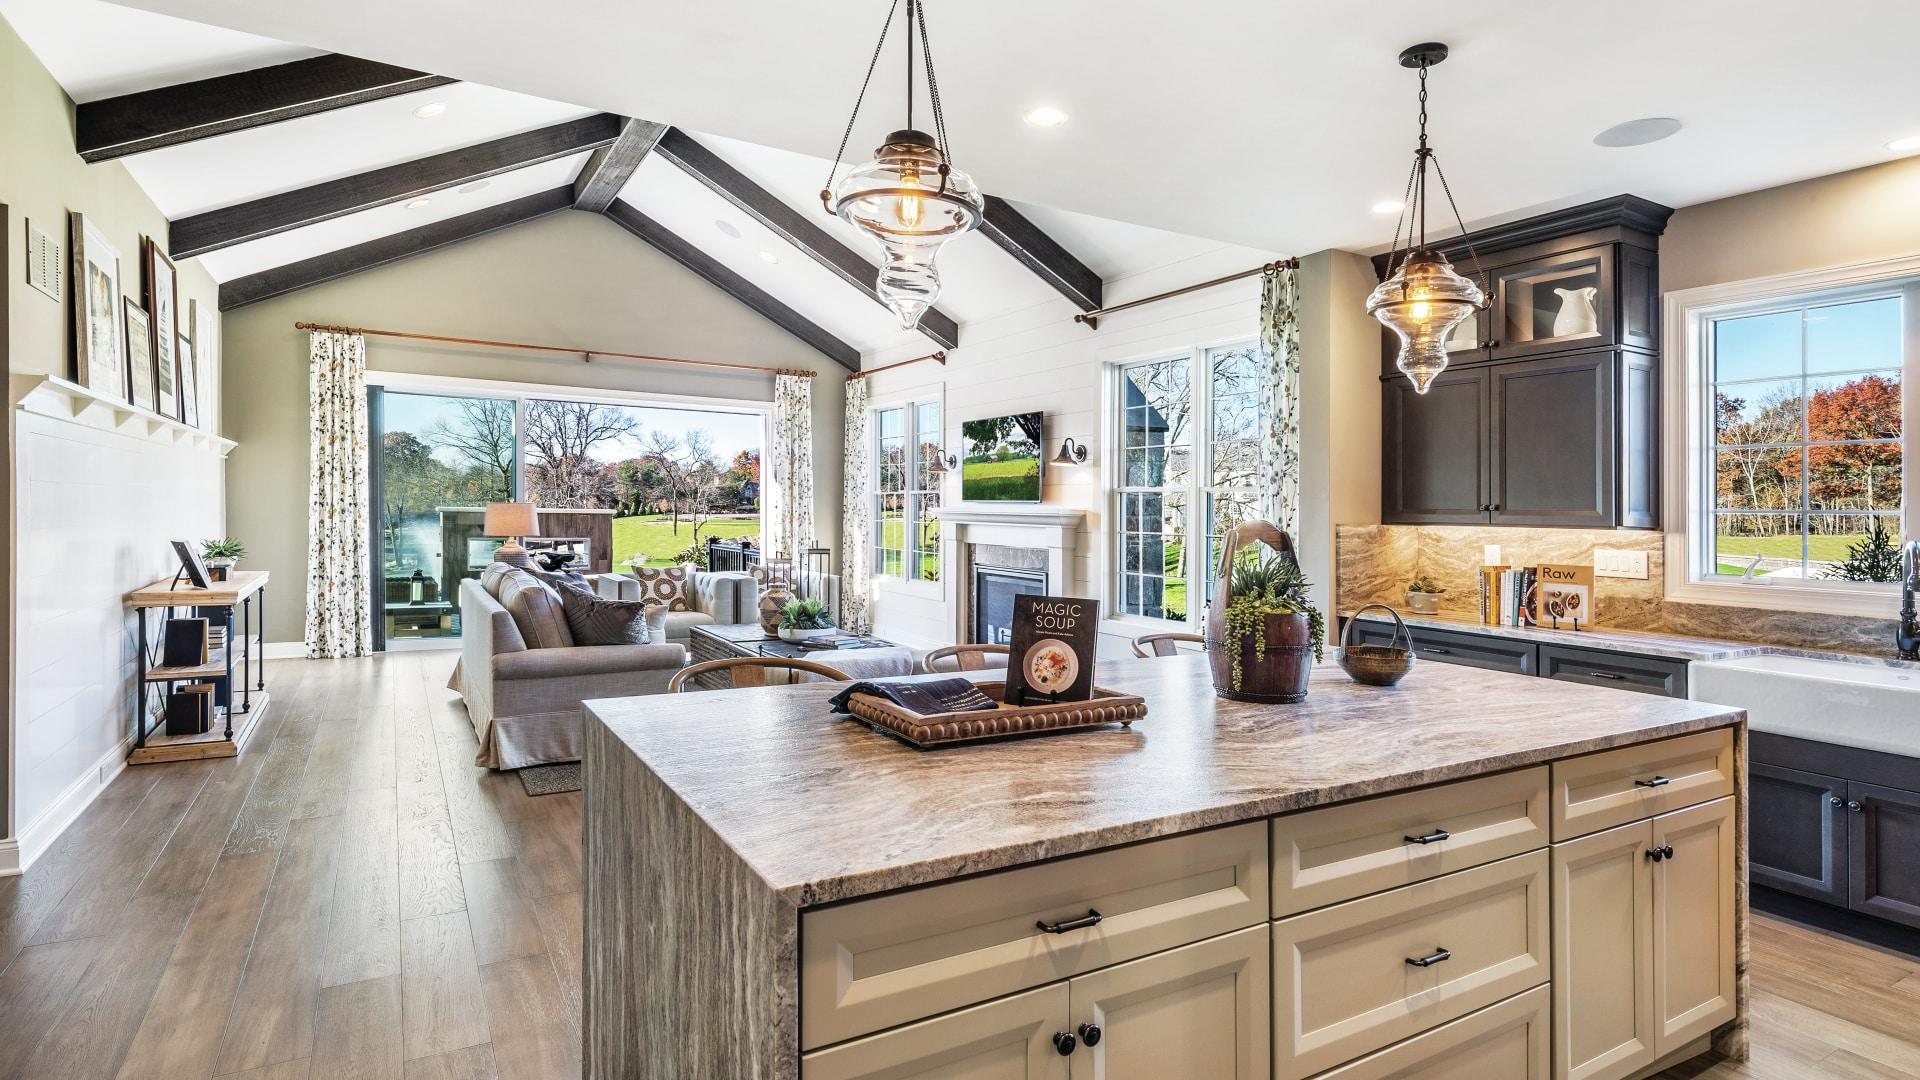 Flowing floor plans for indoor/outdoor living